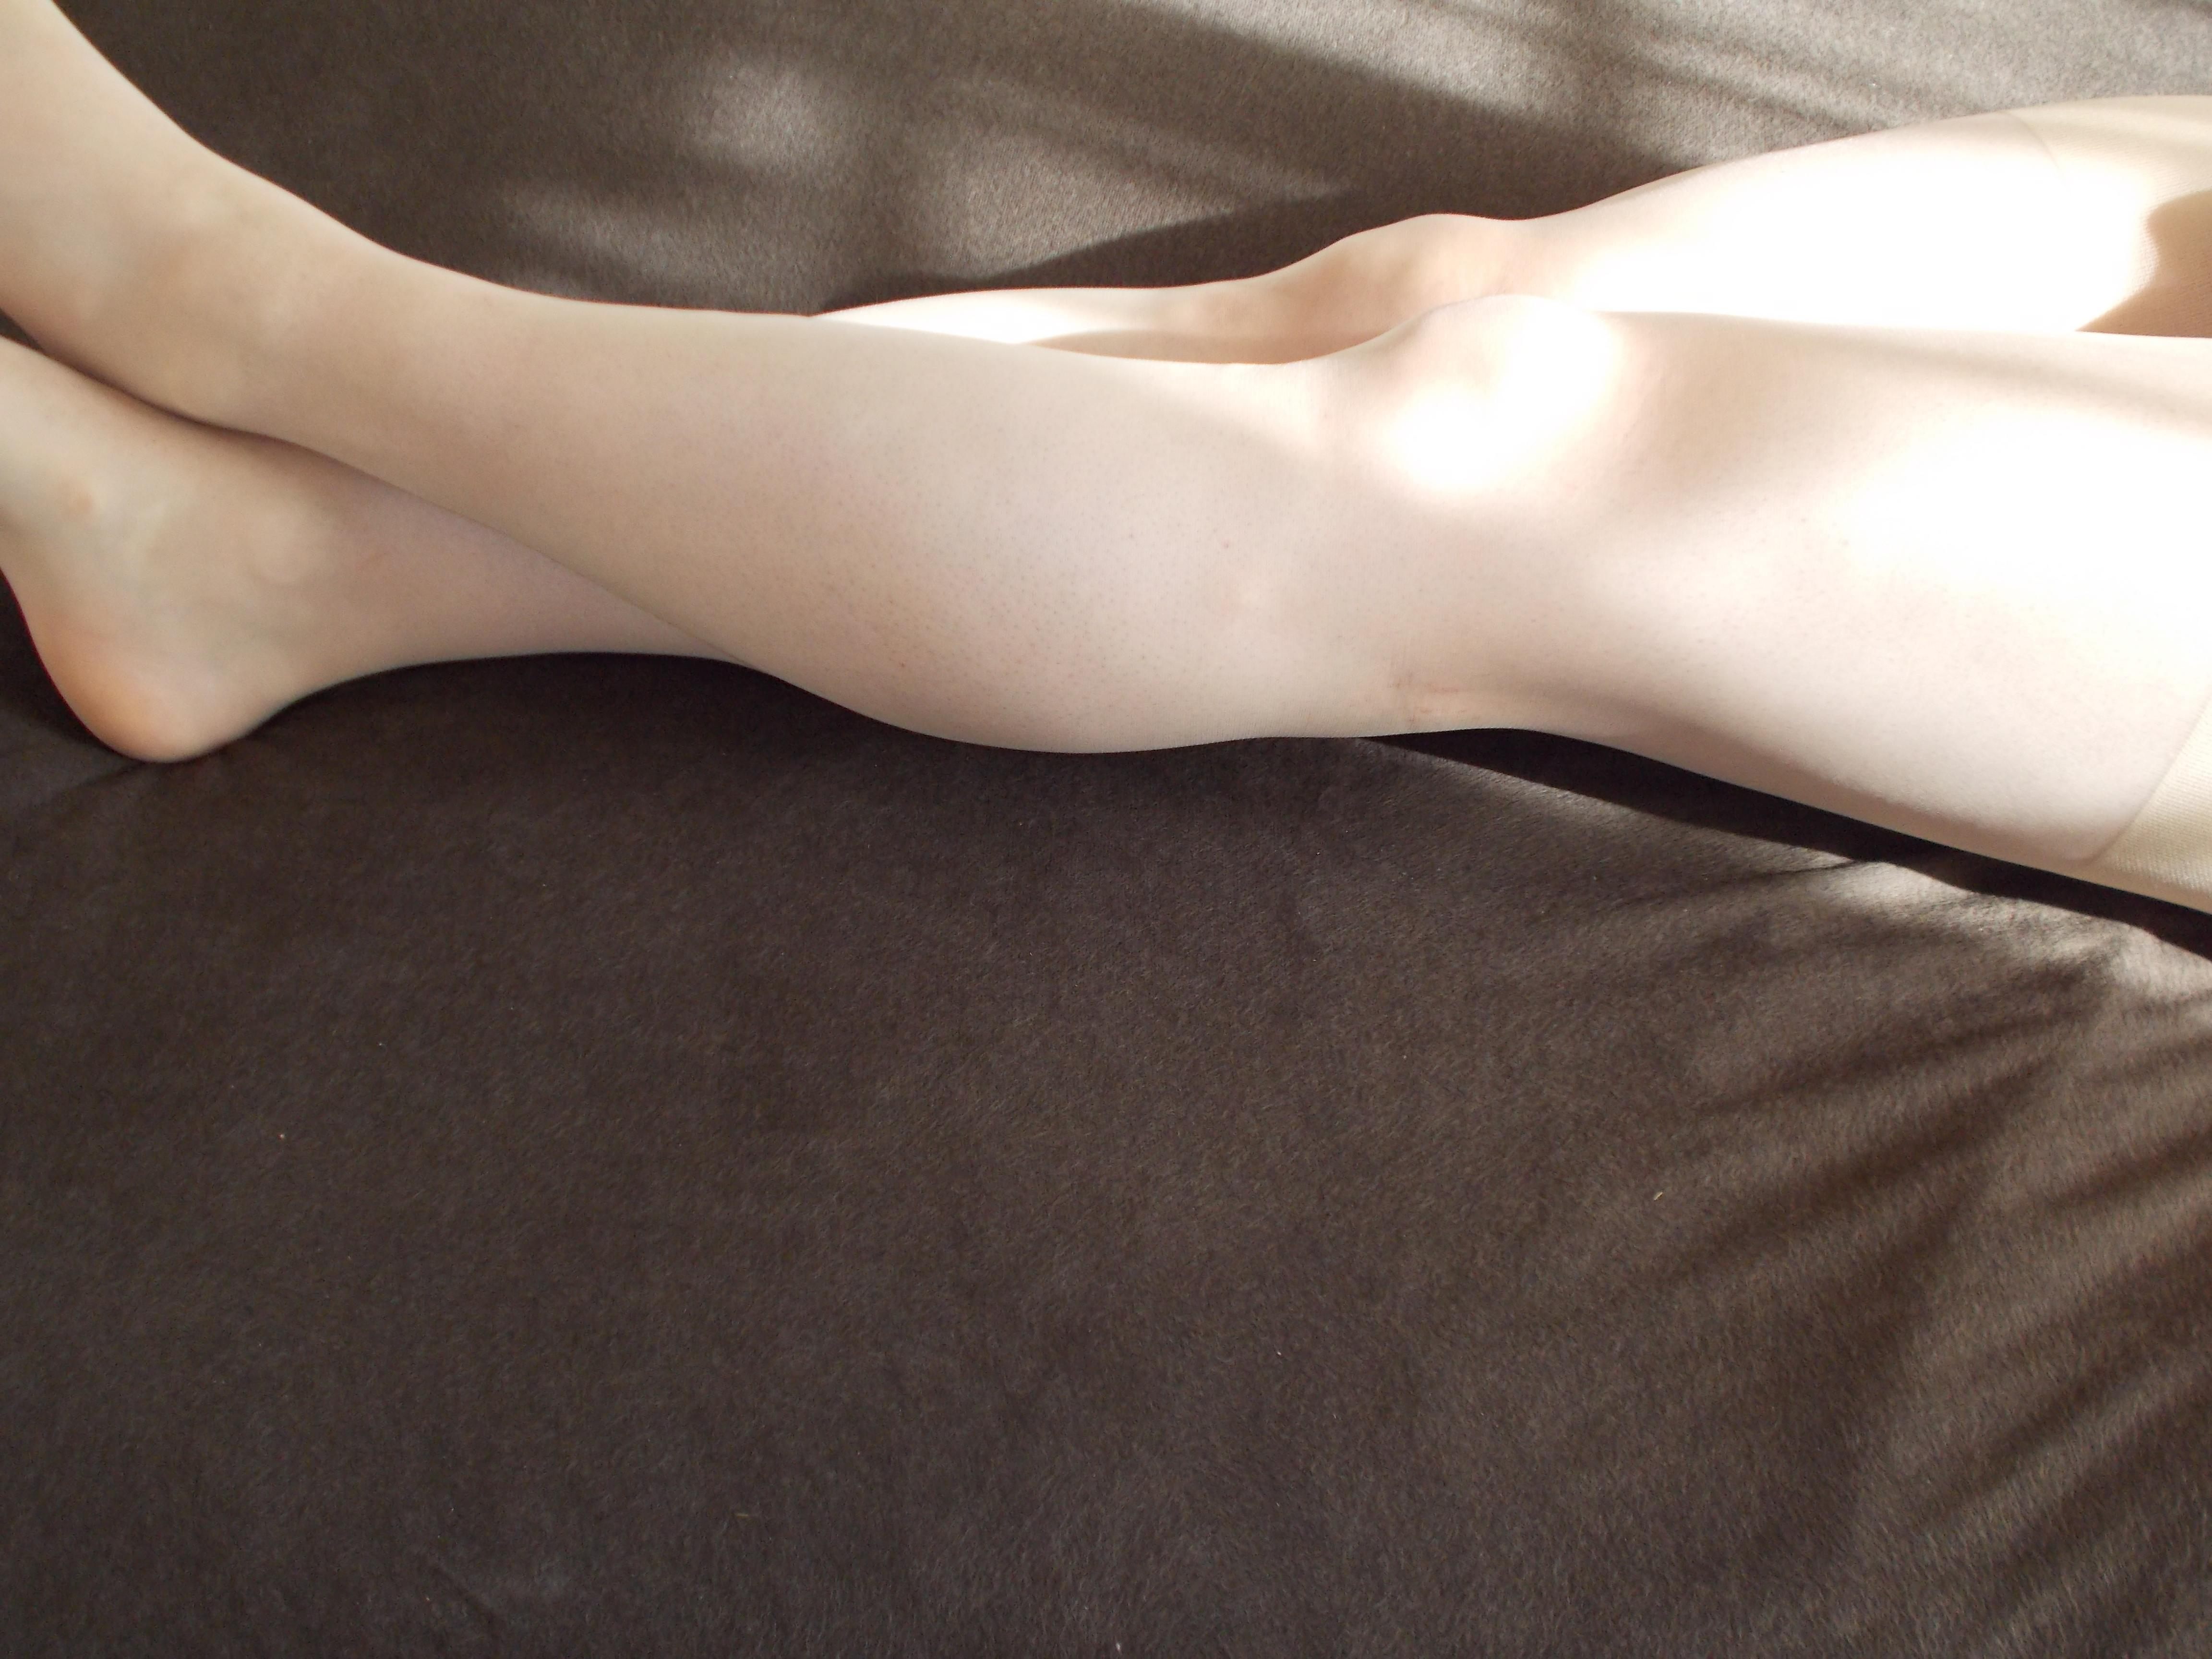 【美脚画像】頬ずりしたくなるwww女の艶っぽい生脚ギャラリー 16